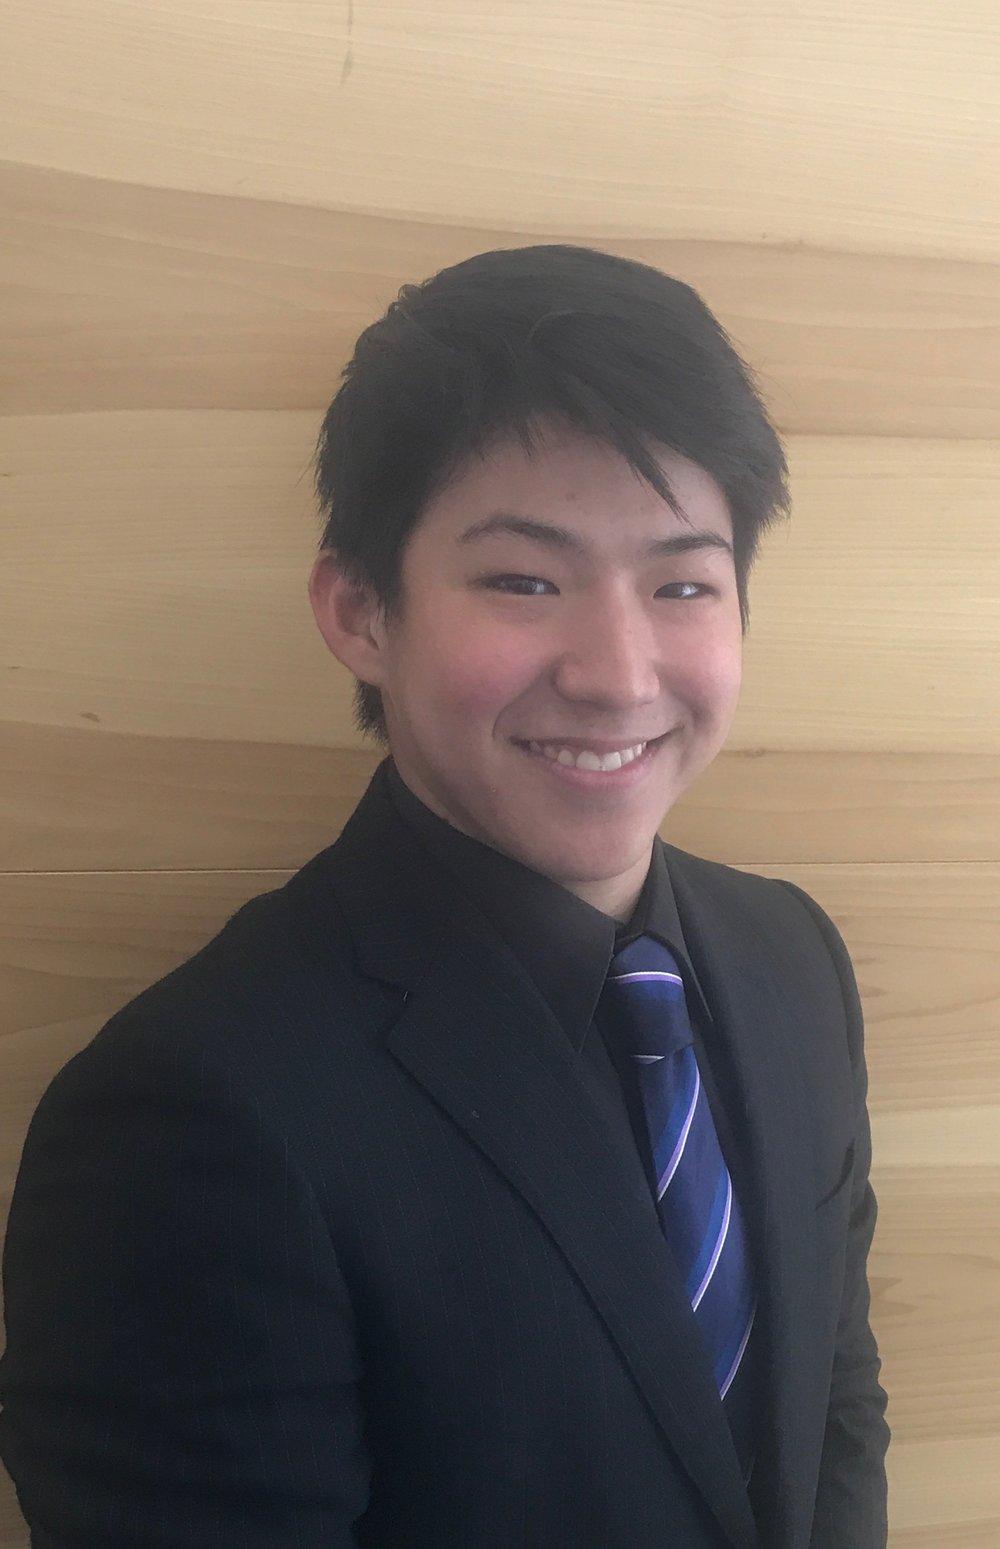 Rento Yokoyama